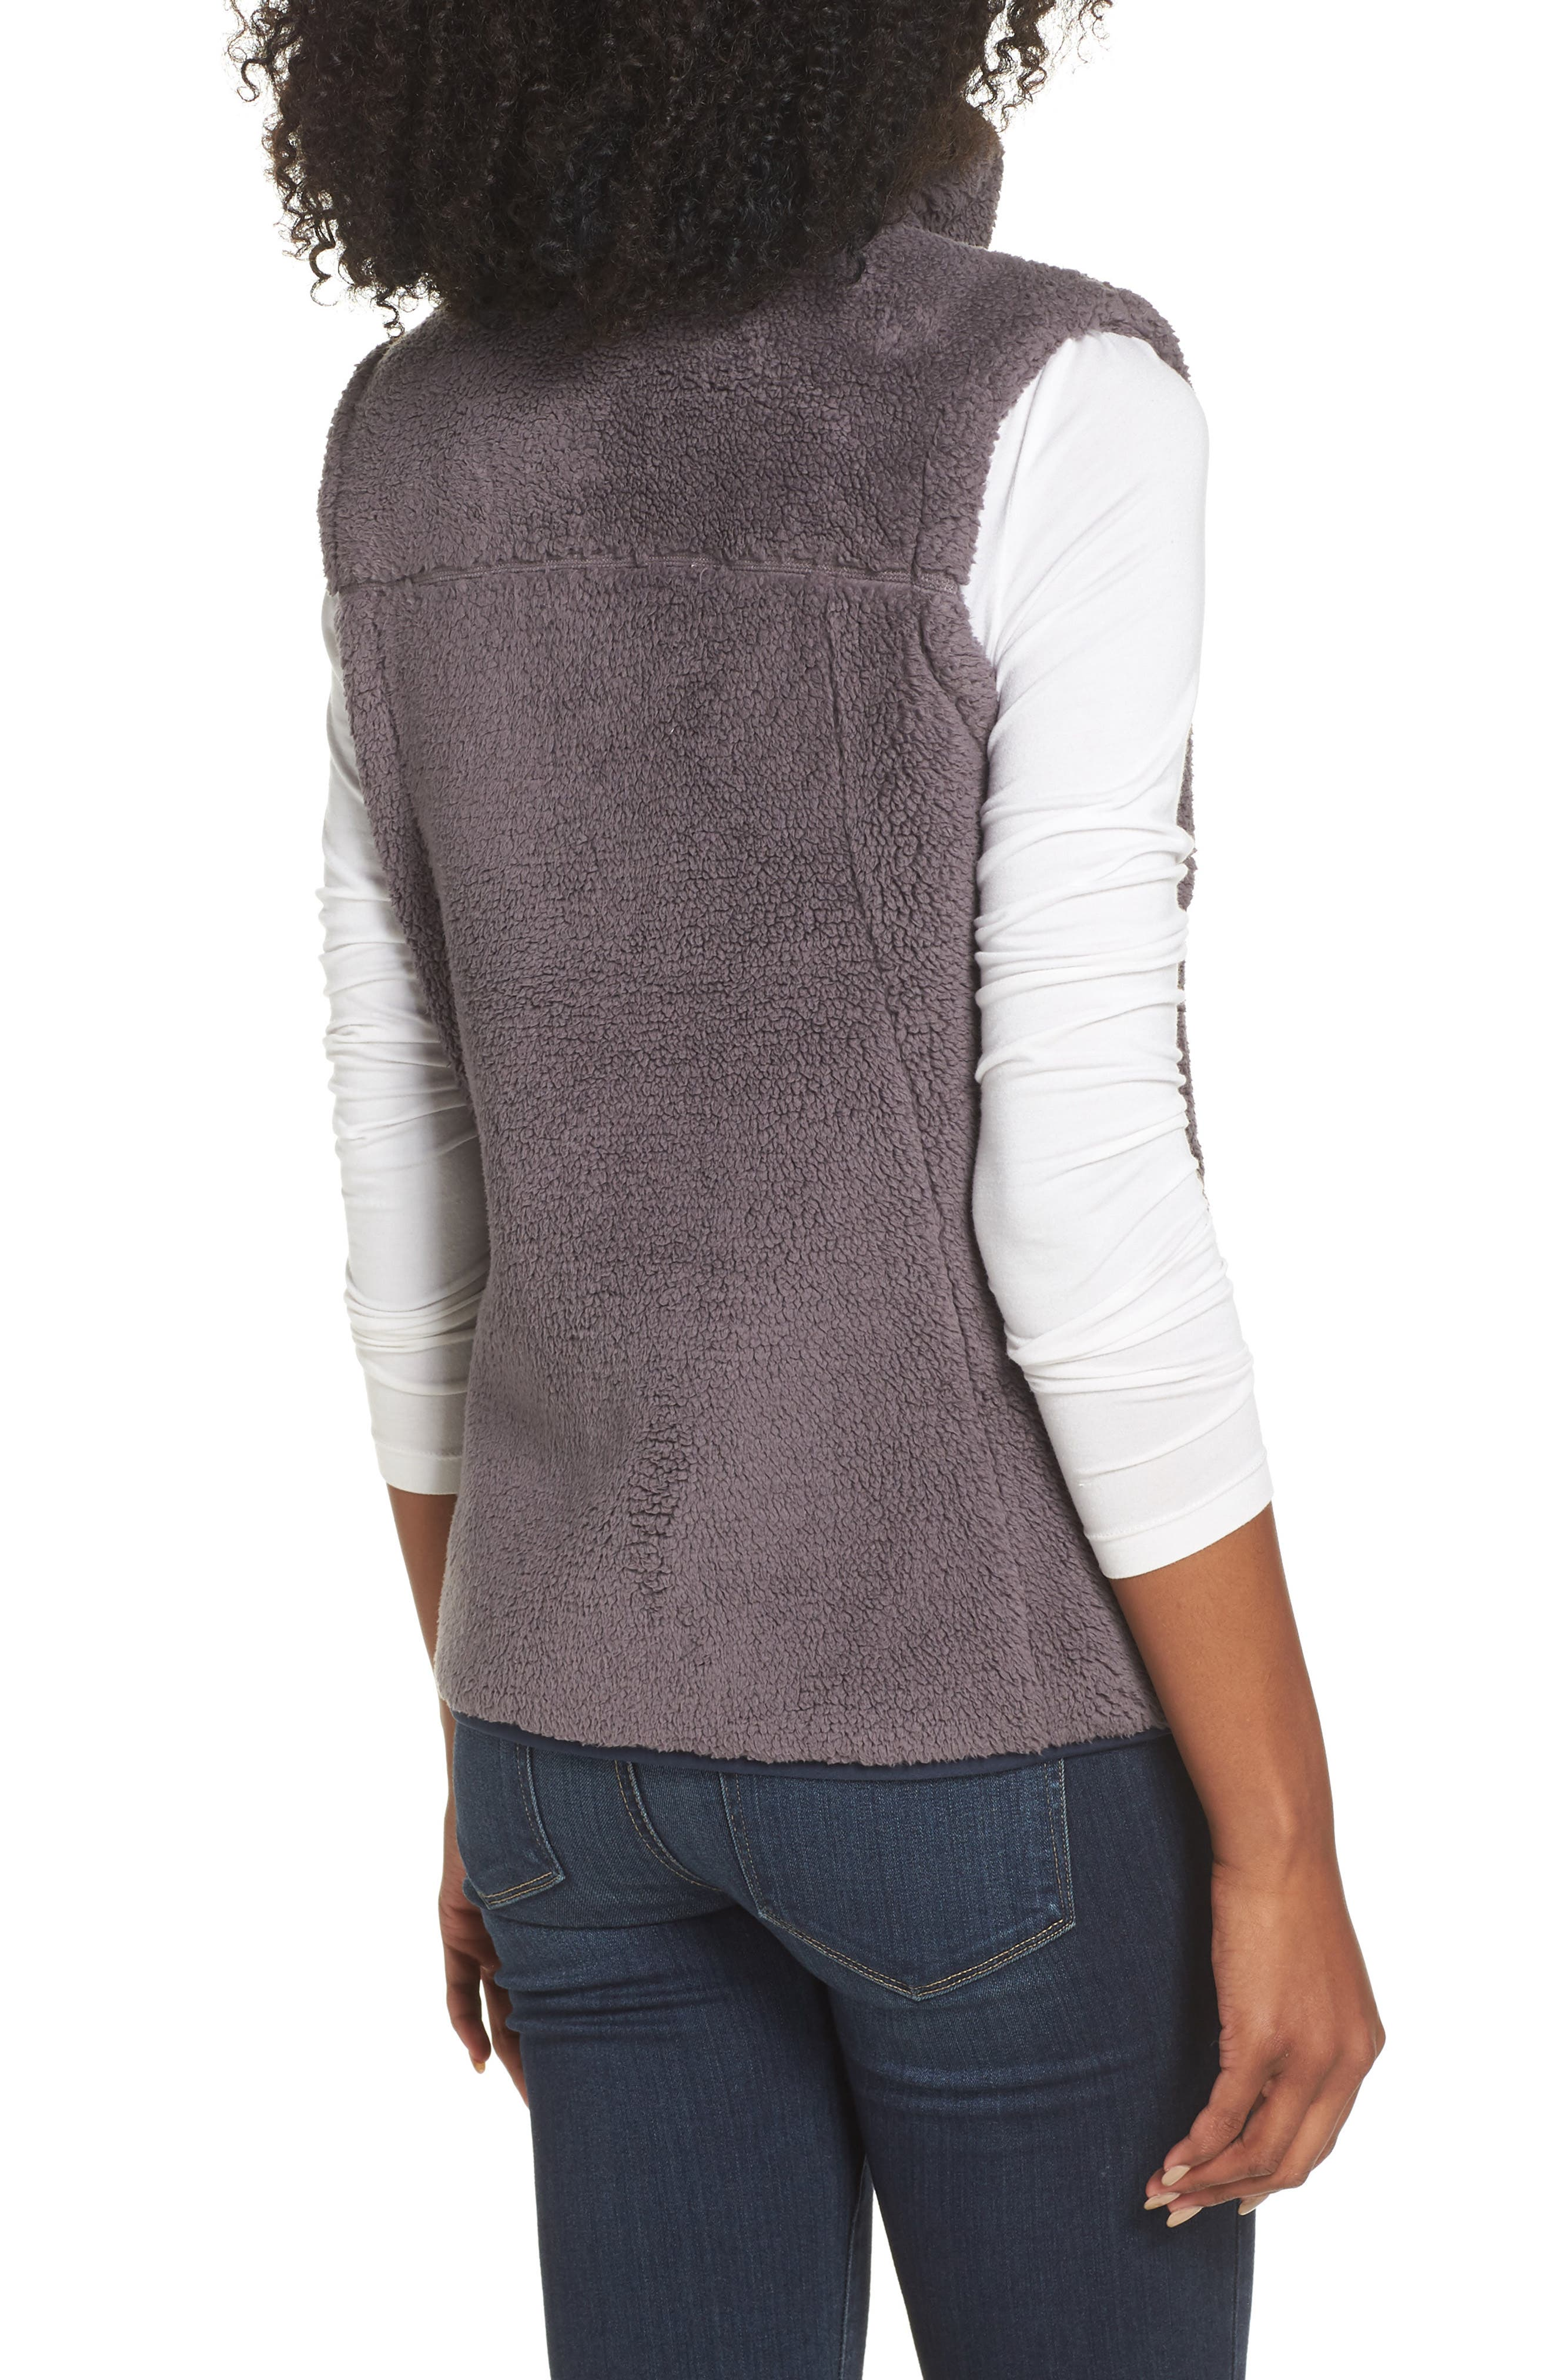 Campshire Vest,                             Alternate thumbnail 2, color,                             RABBIT GREY